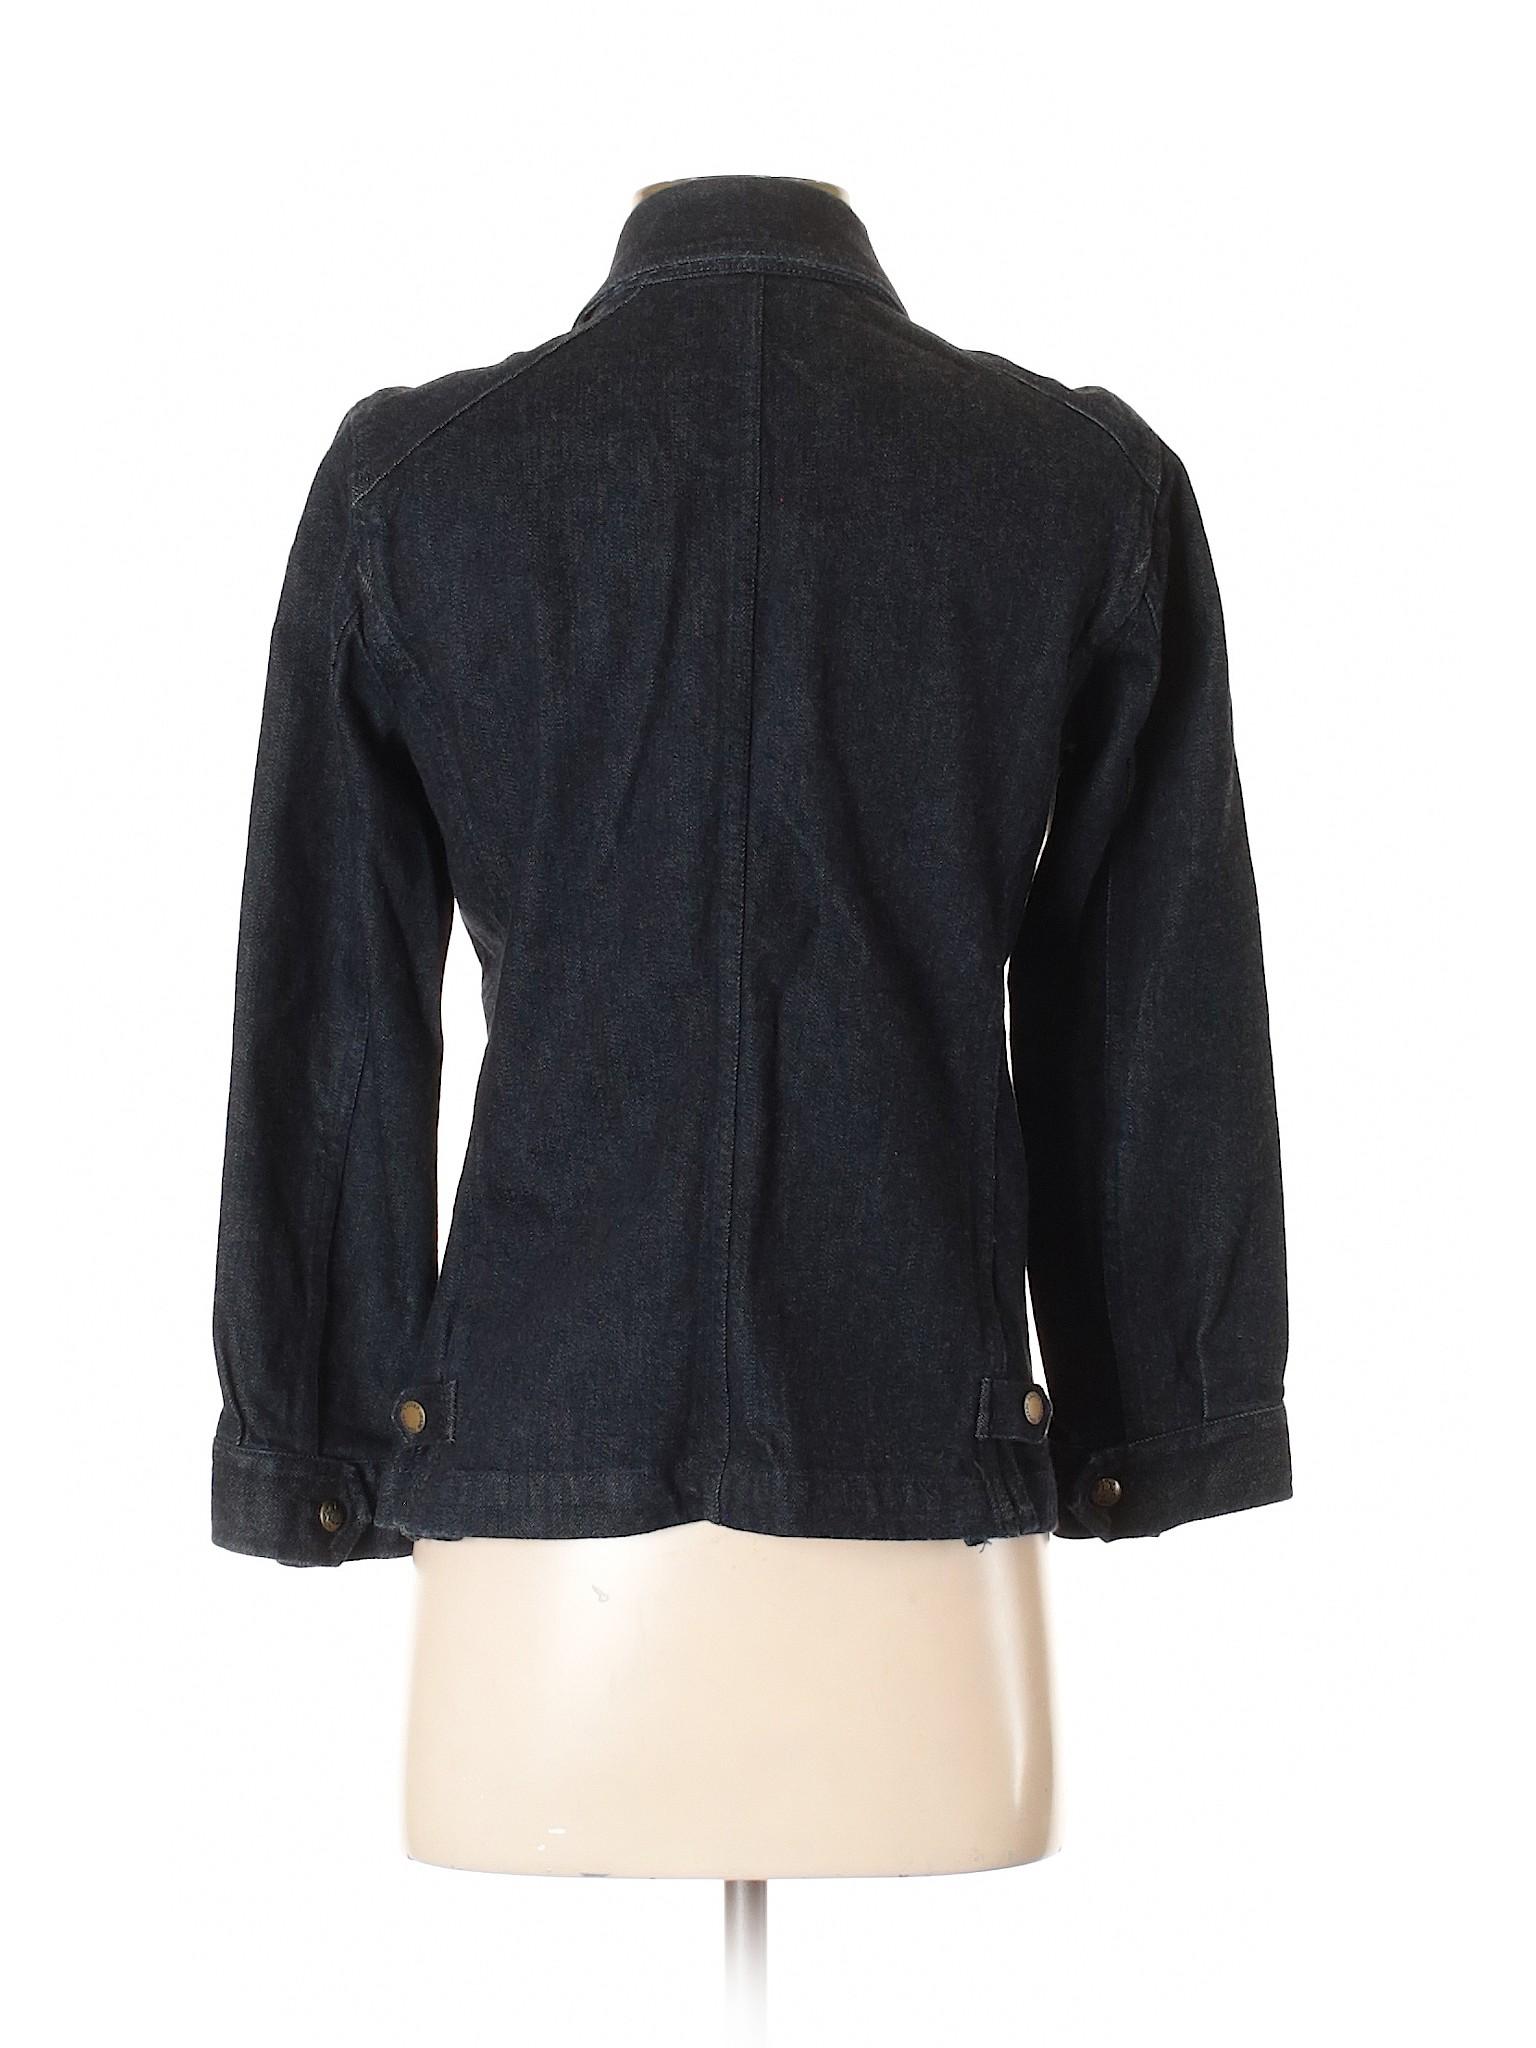 Jacket Denim Boutique winter Lauren Co Jeans O6Z7a8Zq